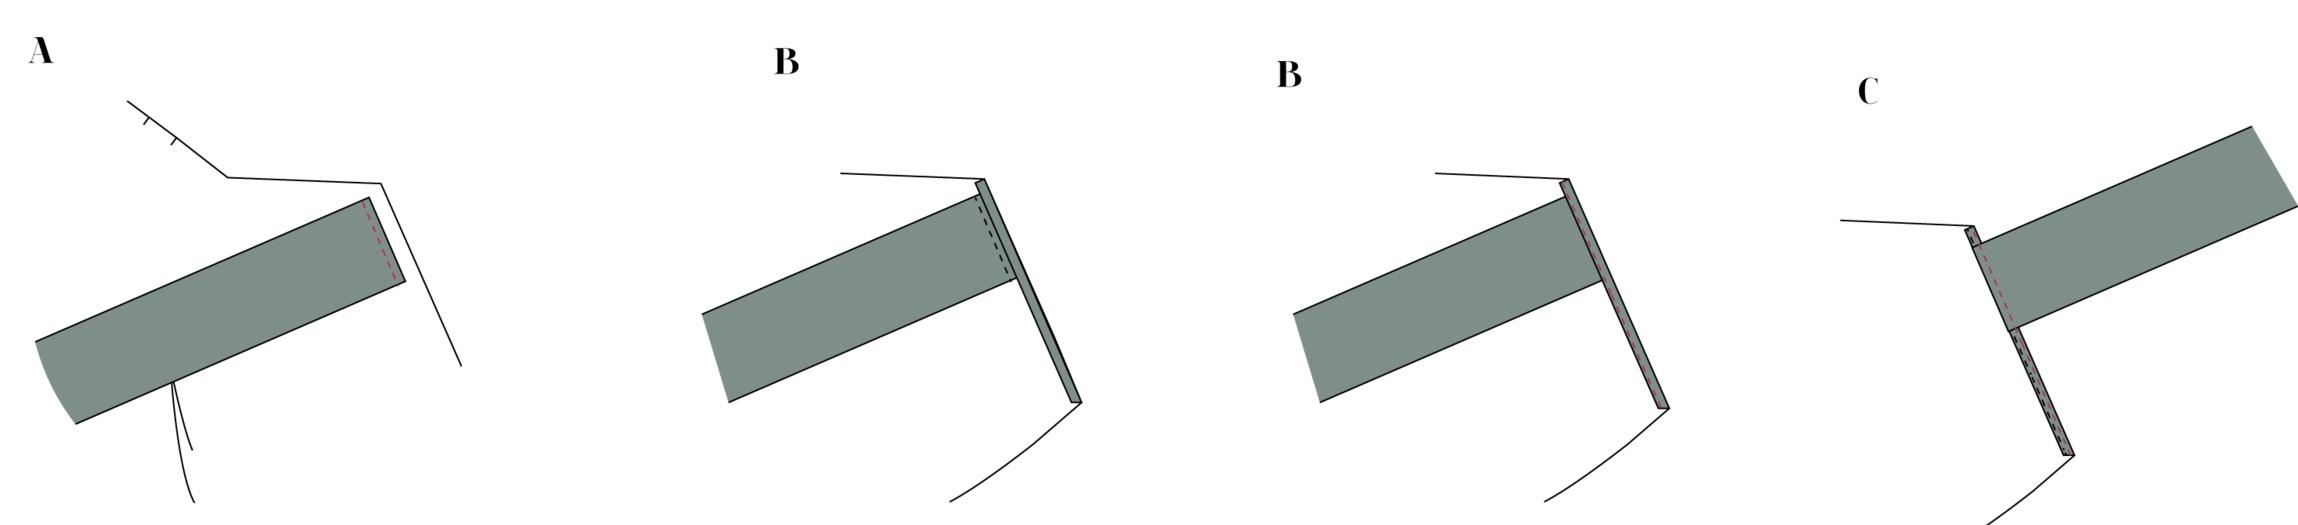 punkt+9.jpg